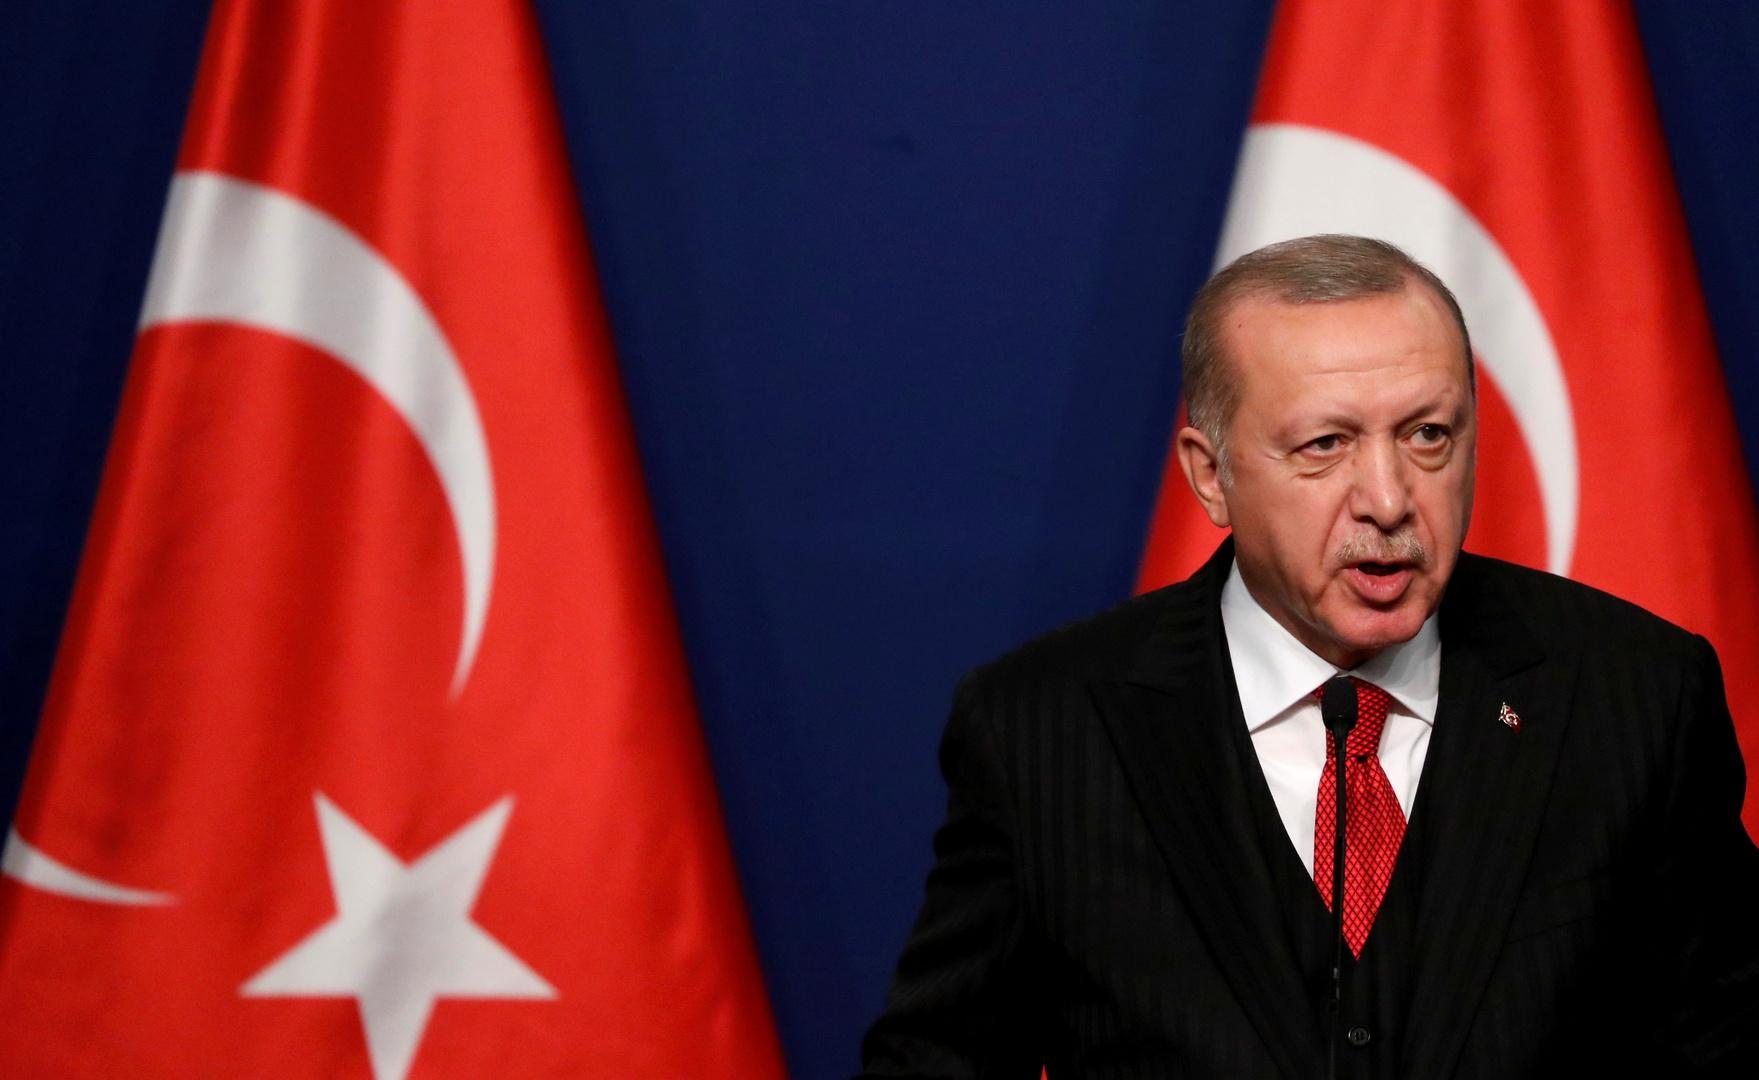 أردوغان: تعنت اليونان أضاع فرصة تعزيز التعاون من خلال أزمة اللاجئين